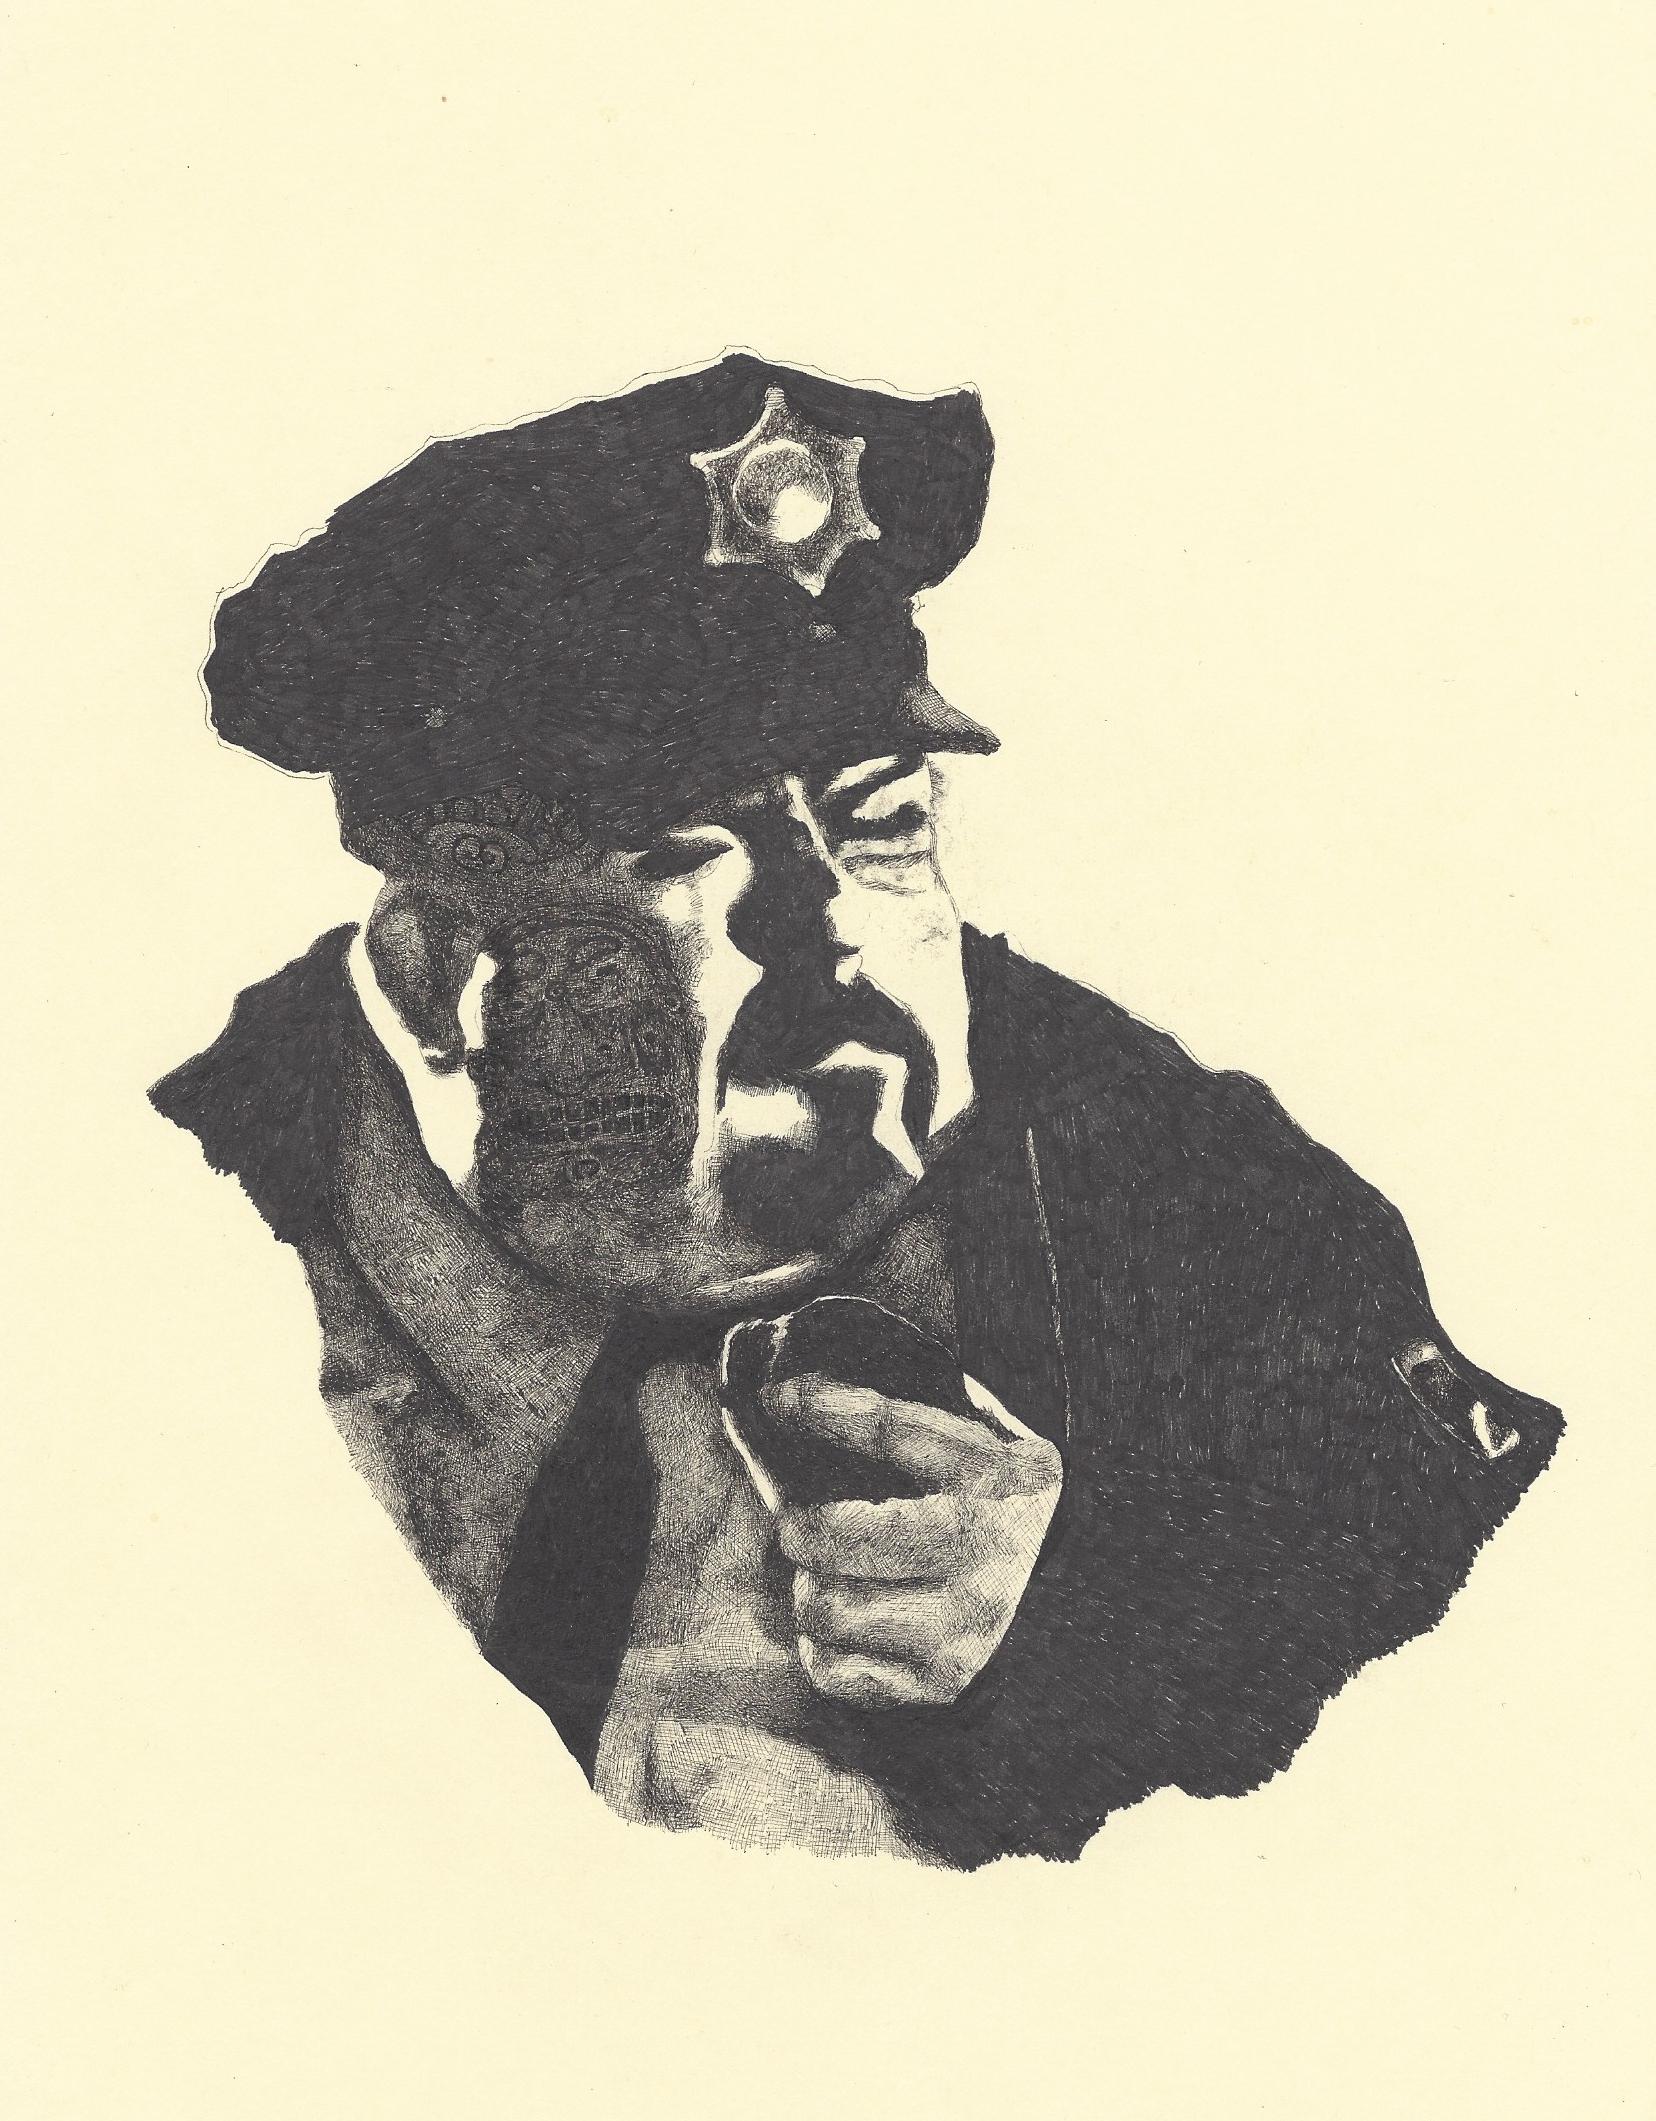 cop drawings 1.jpg